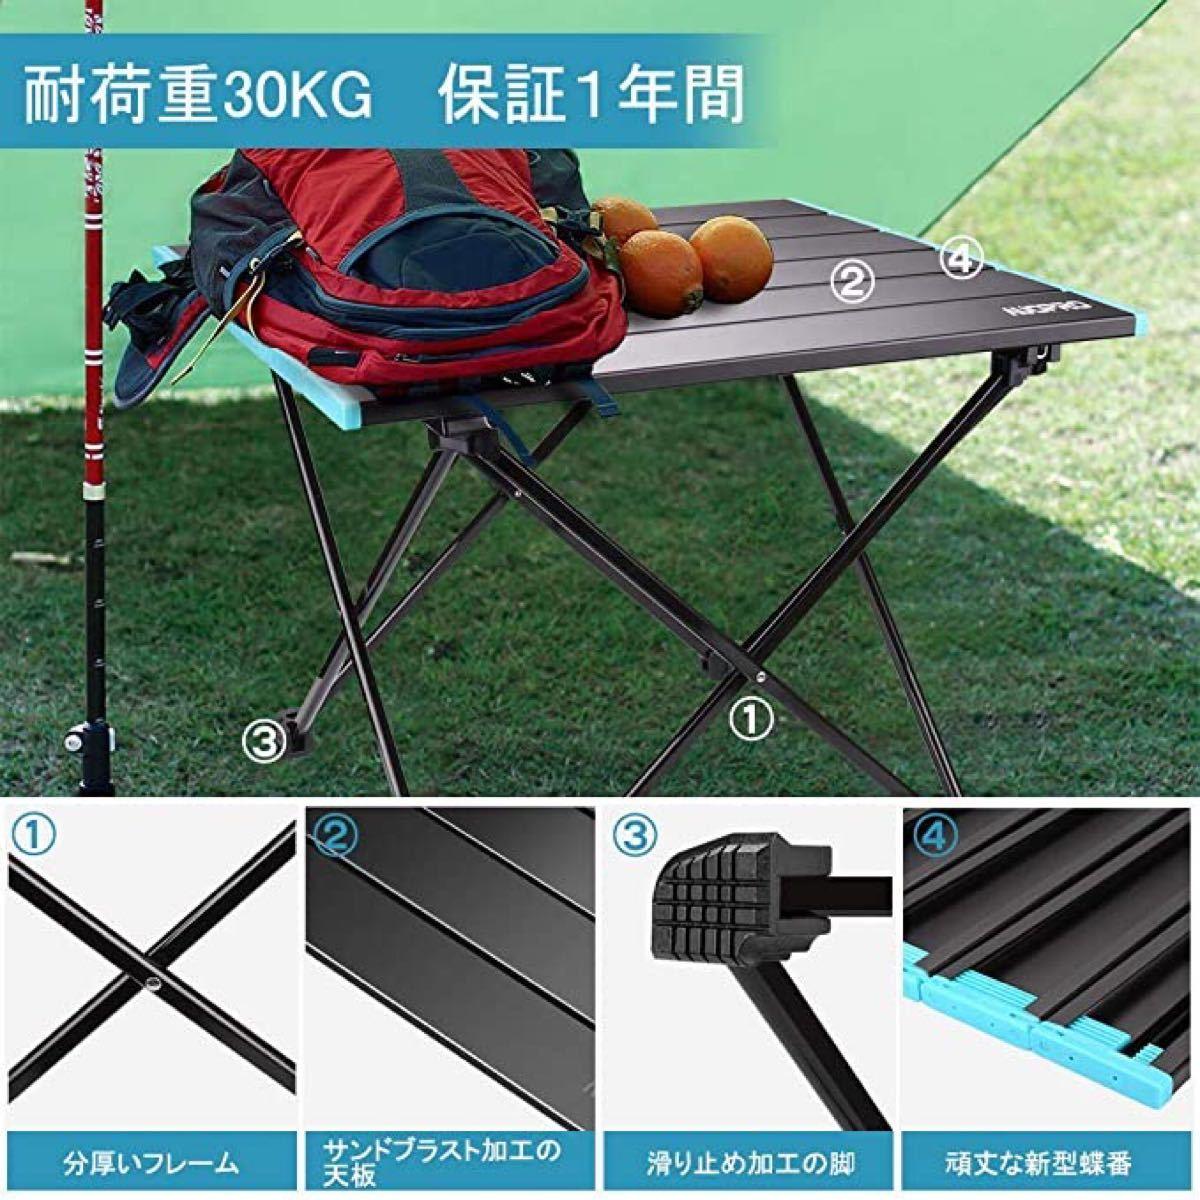 アウトドアテーブル キャンプテーブル 新品 未使用 ロールテーブル 収納袋 耐荷重30KG